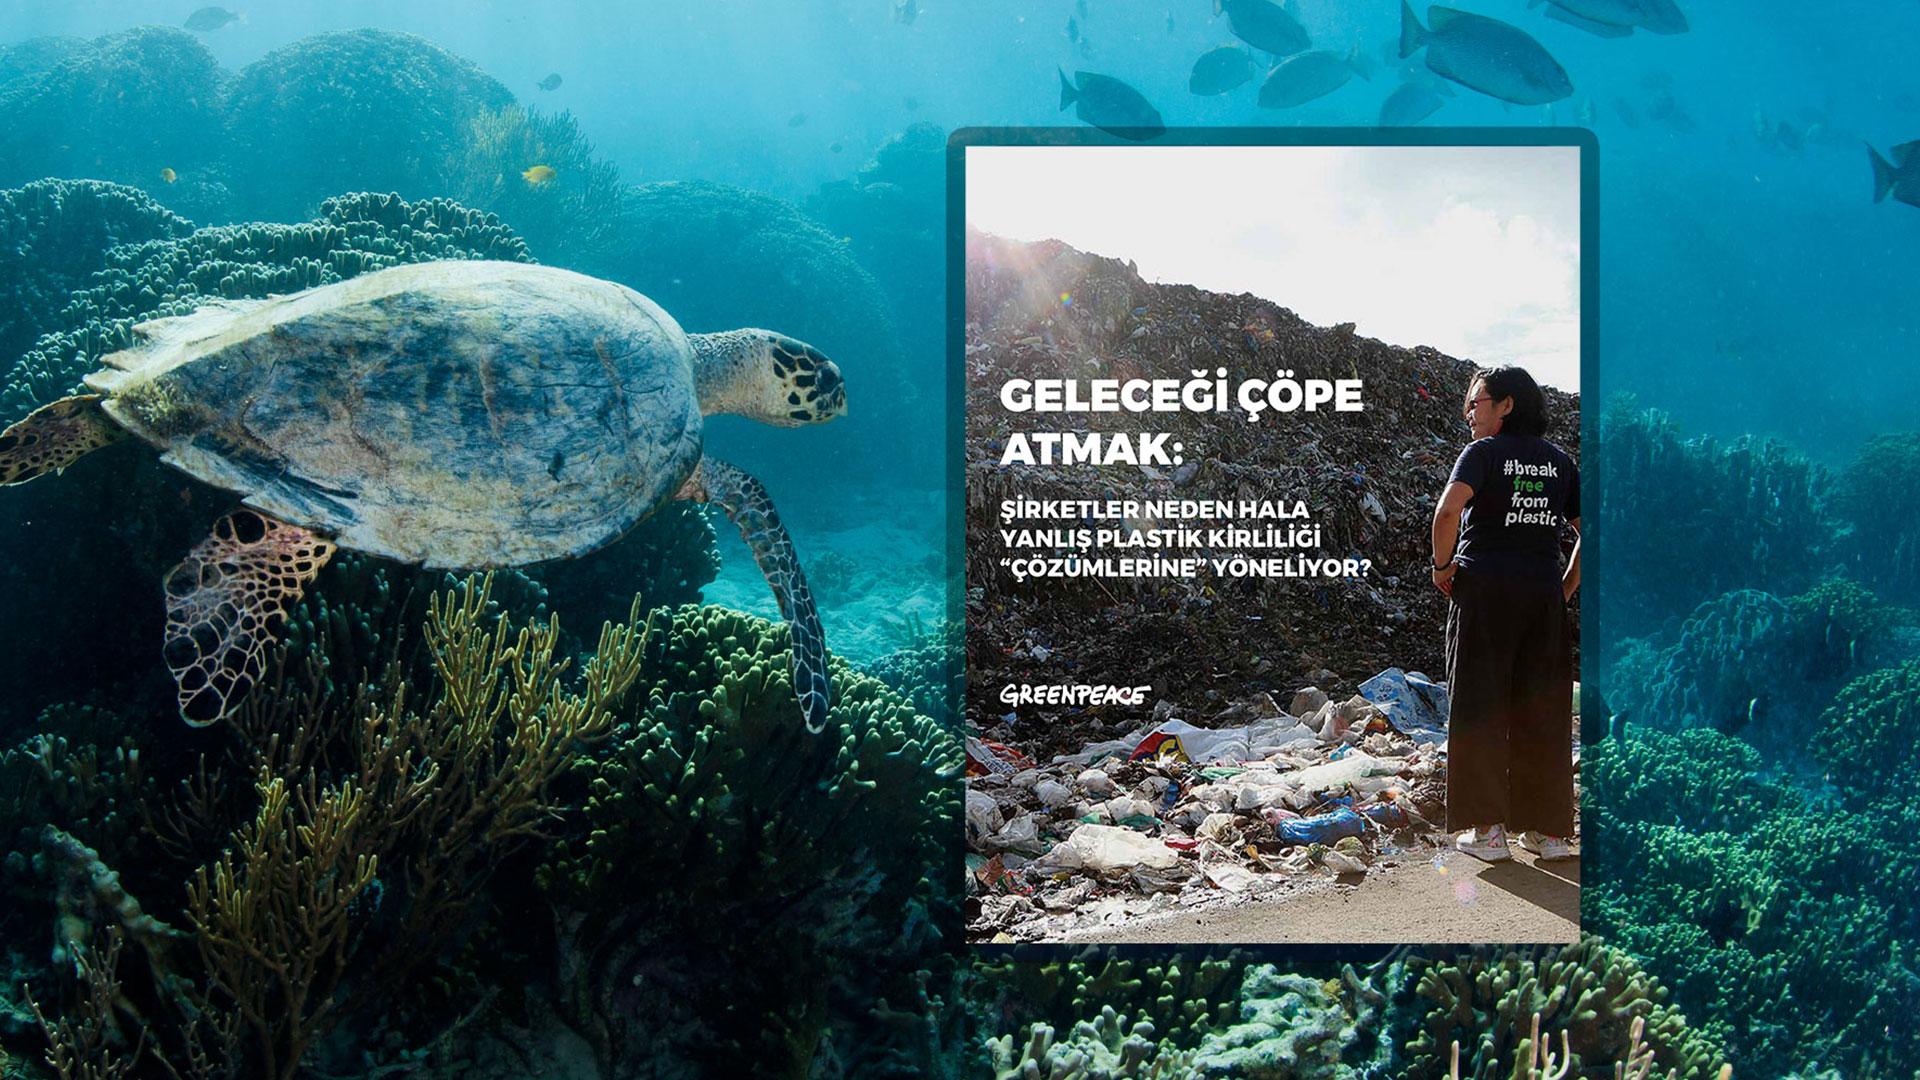 Şirketlerin Yanlış Plastik Kirliliği Çözümleri